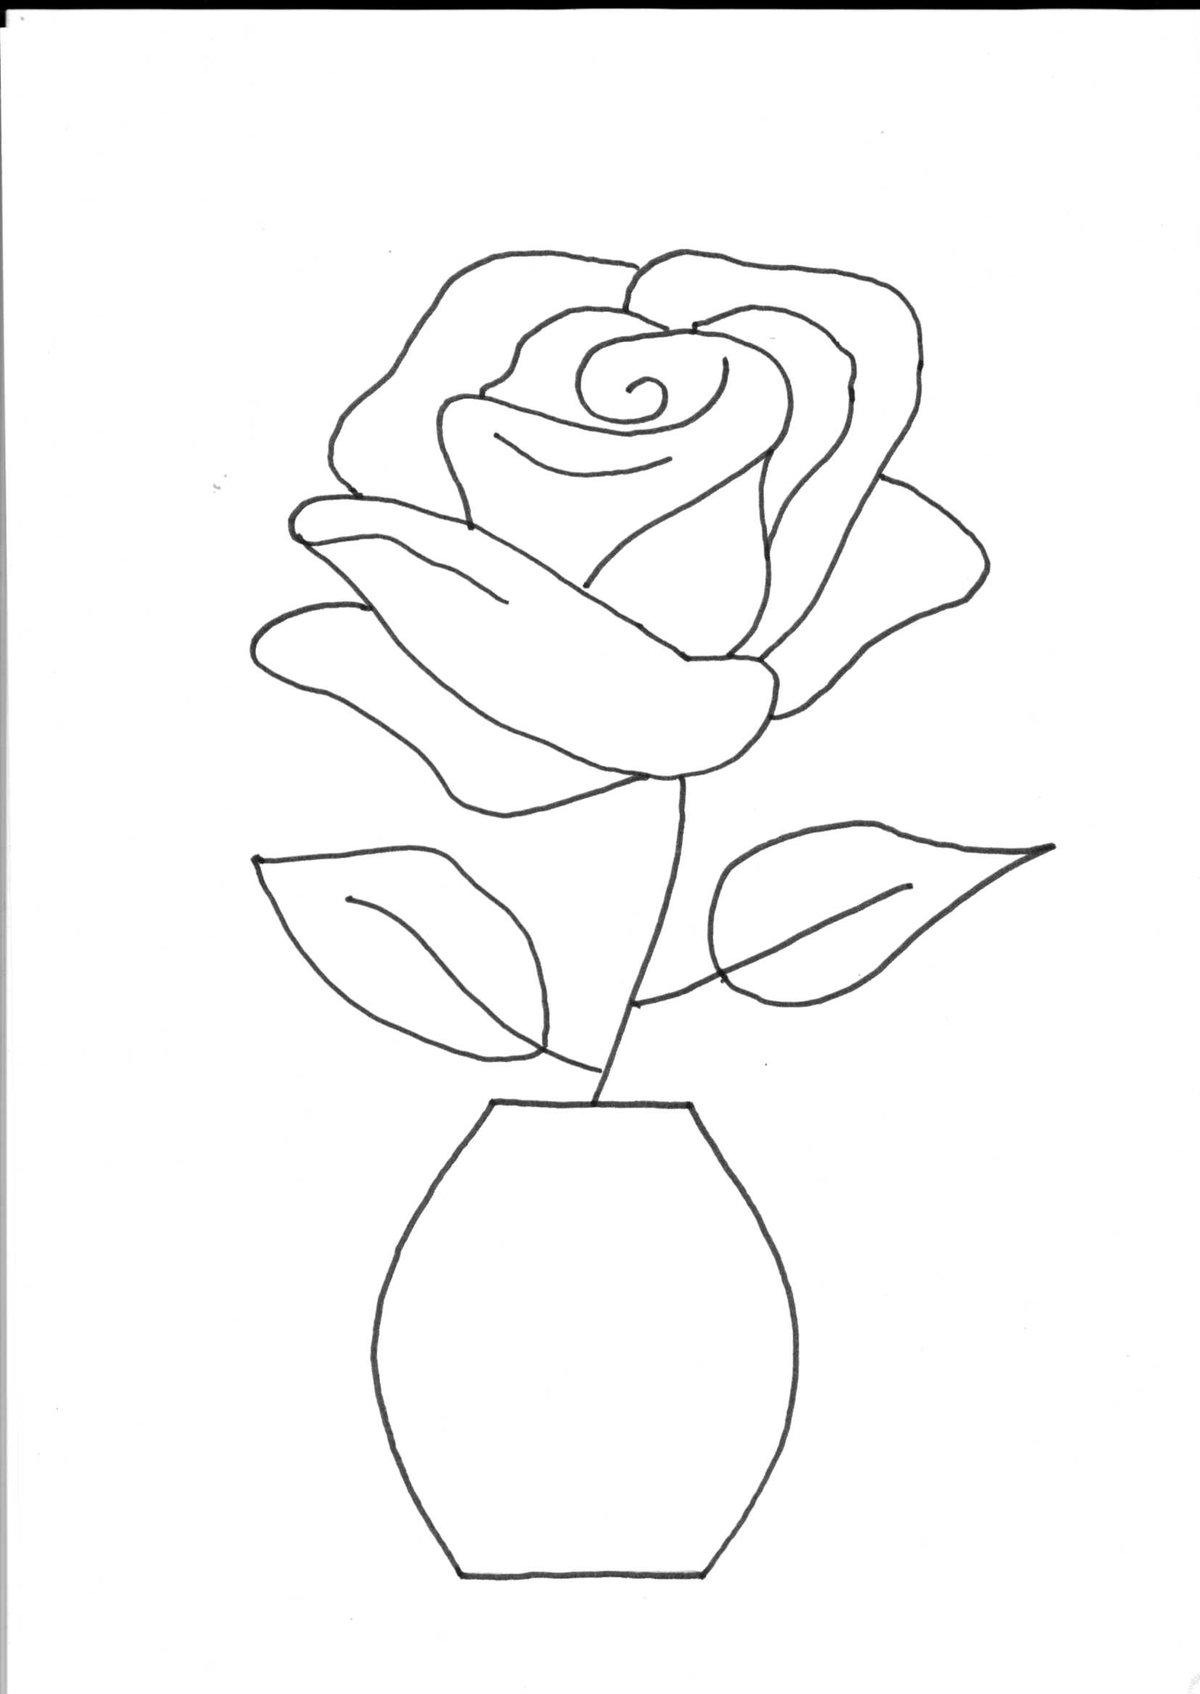 букеты цветов рисунки карандашом маме на день рождения этих